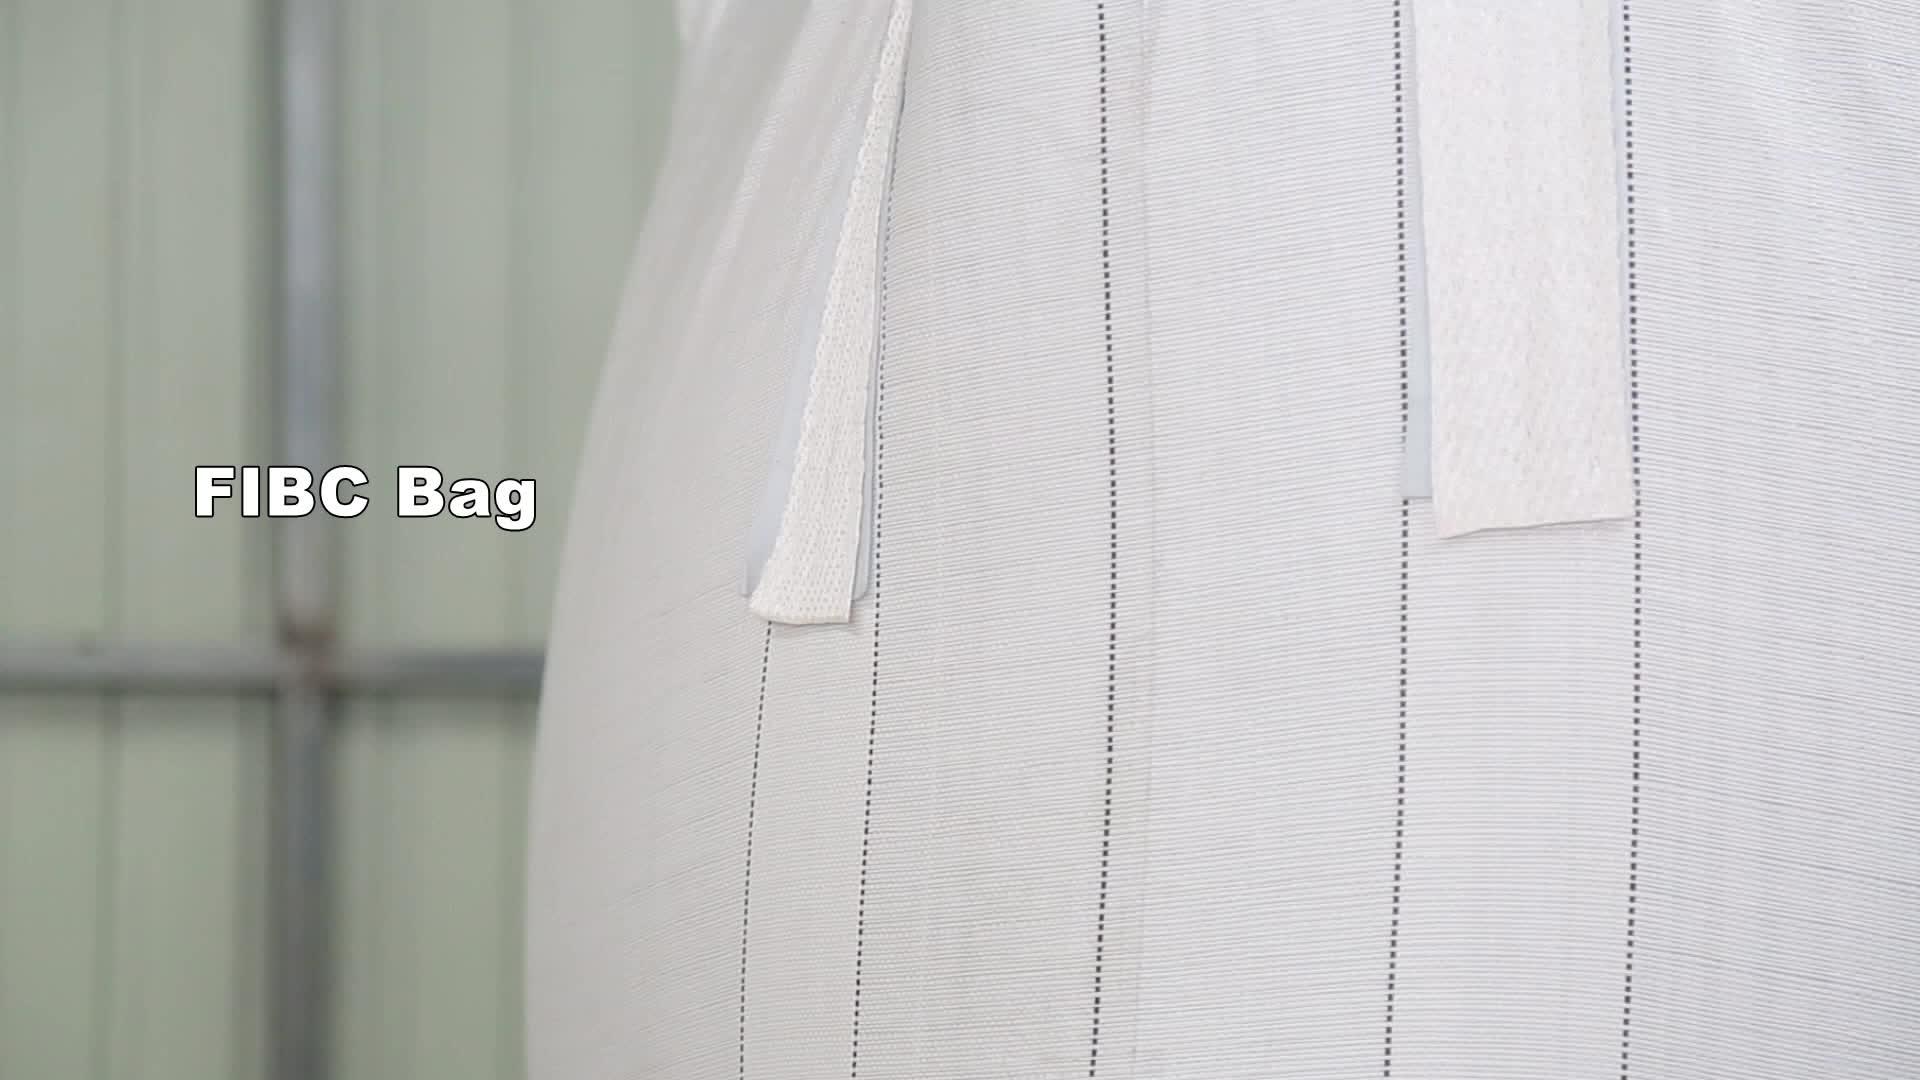 पीपी थोक बैग पैकिंग के लिए कैल्शियम कार्बोनेट और चूना, सुरक्षा का पहलू 5:1, का उपयोग रीसाइक्लिंग, धूल के सबूत